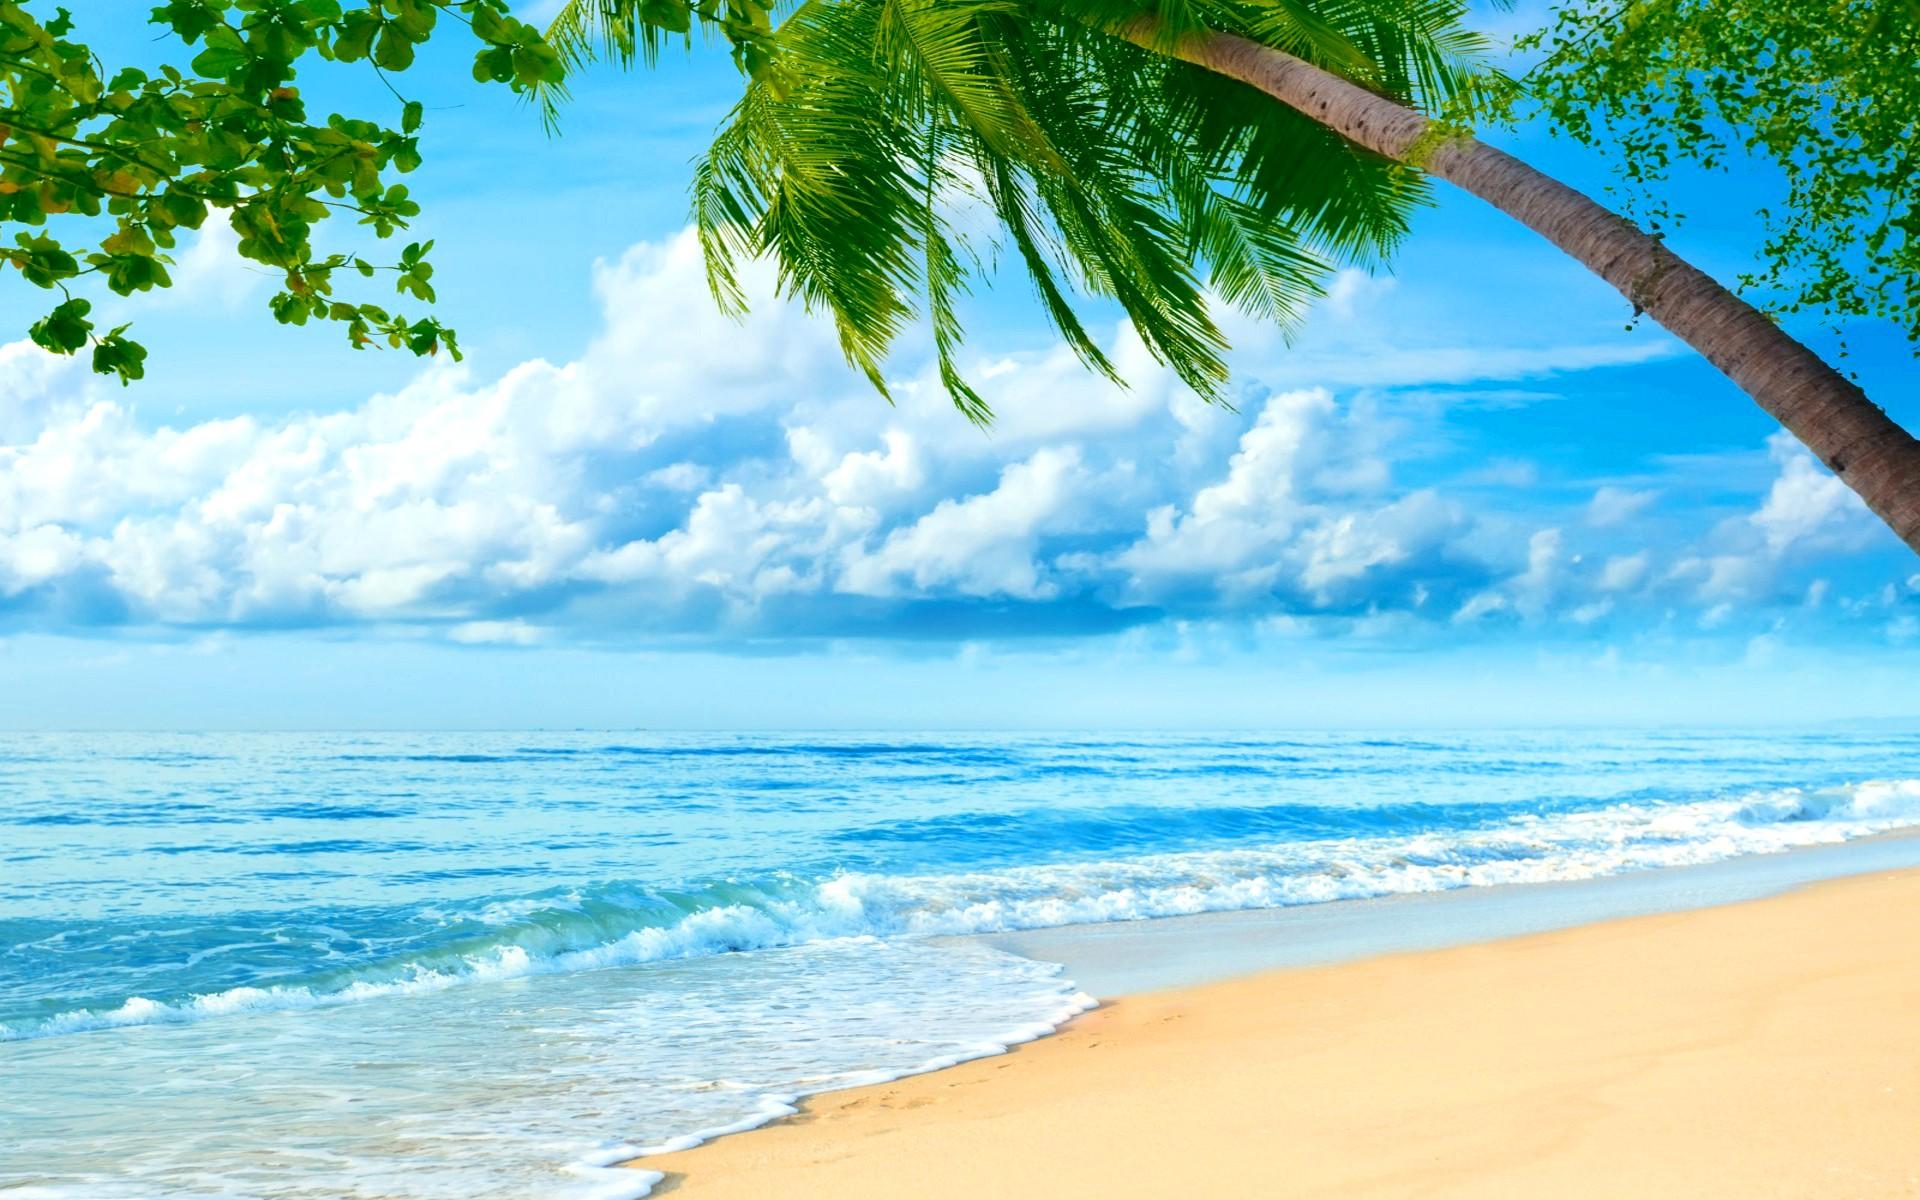 Картинки на фон море пляж